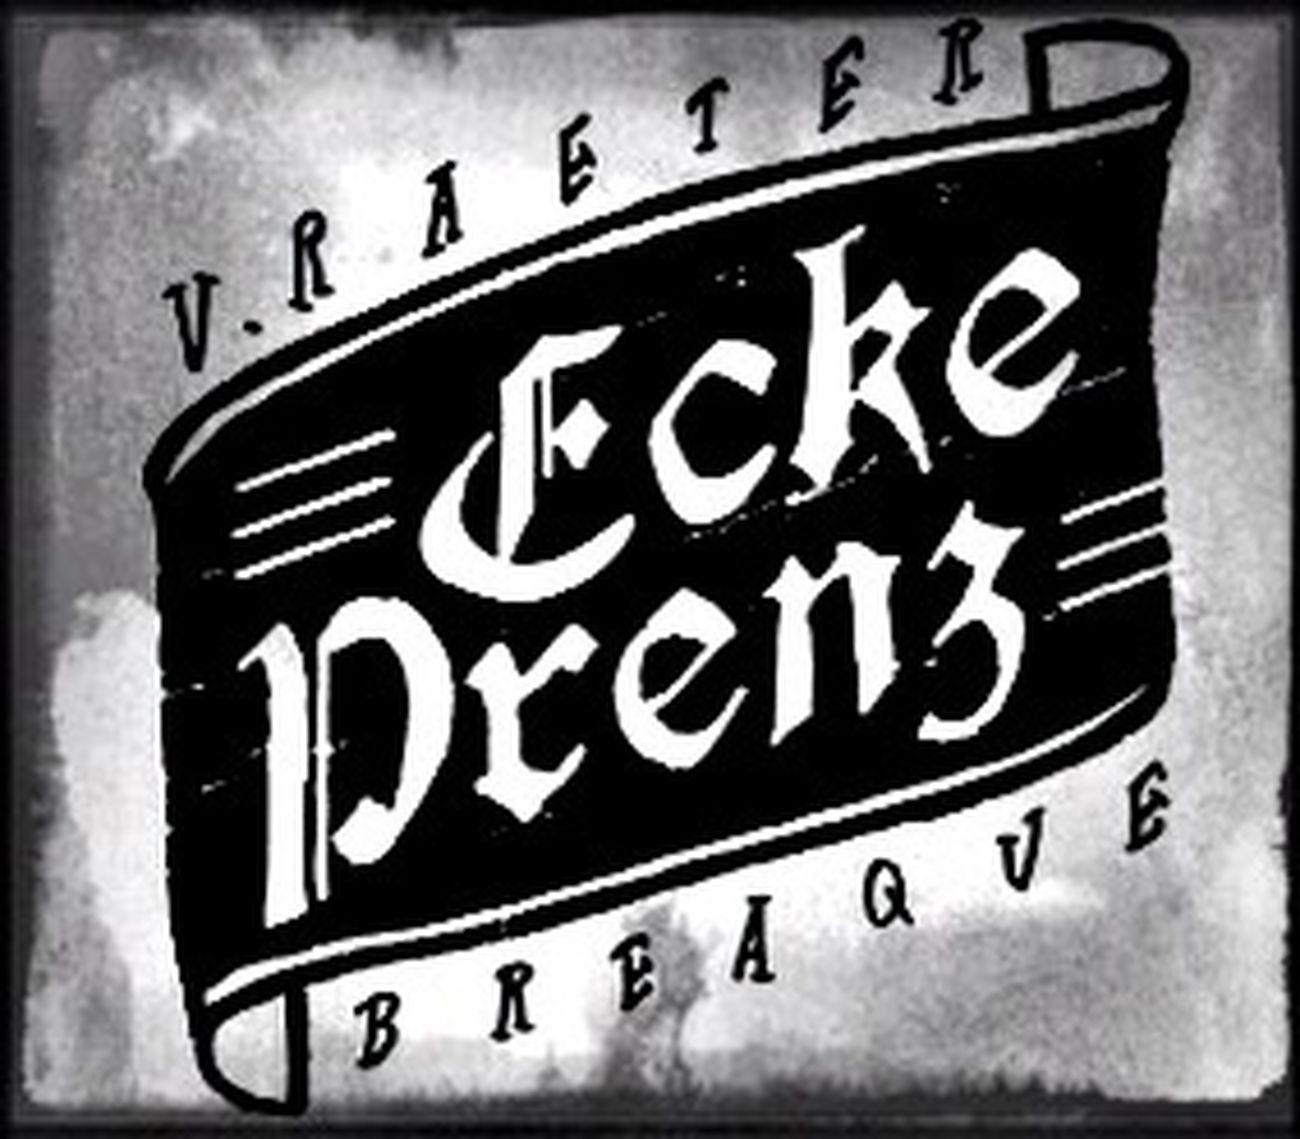 Currently Listening To Music : Ecke Prenz / DJ Breaque & V.Raeter | german rap/hiphop artists |